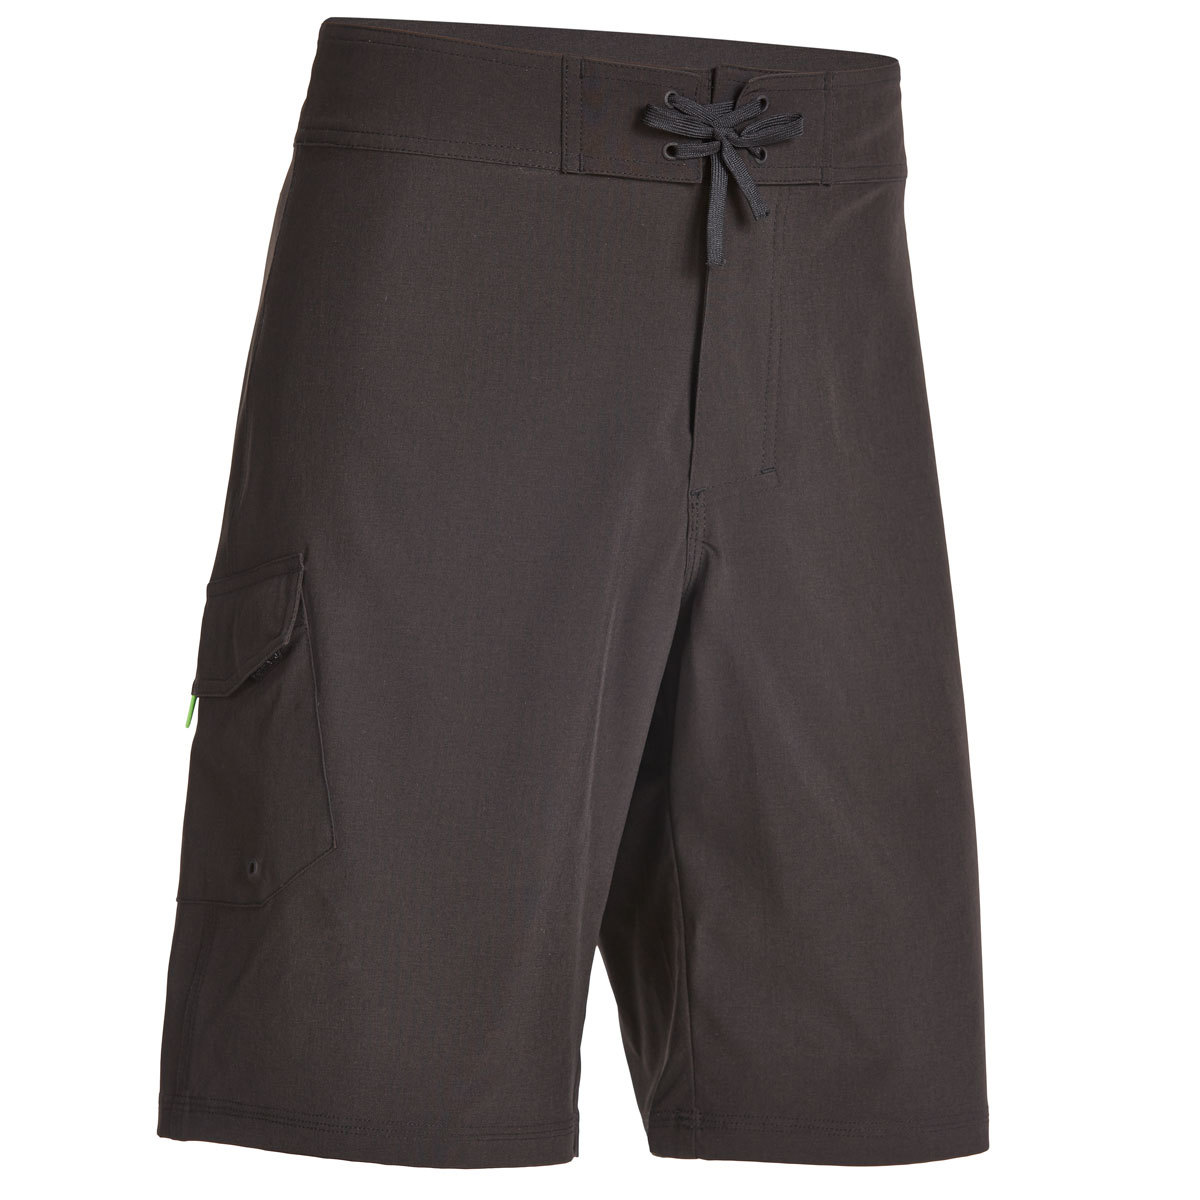 Ems Men's Techwick Boardshorts - Black, 40